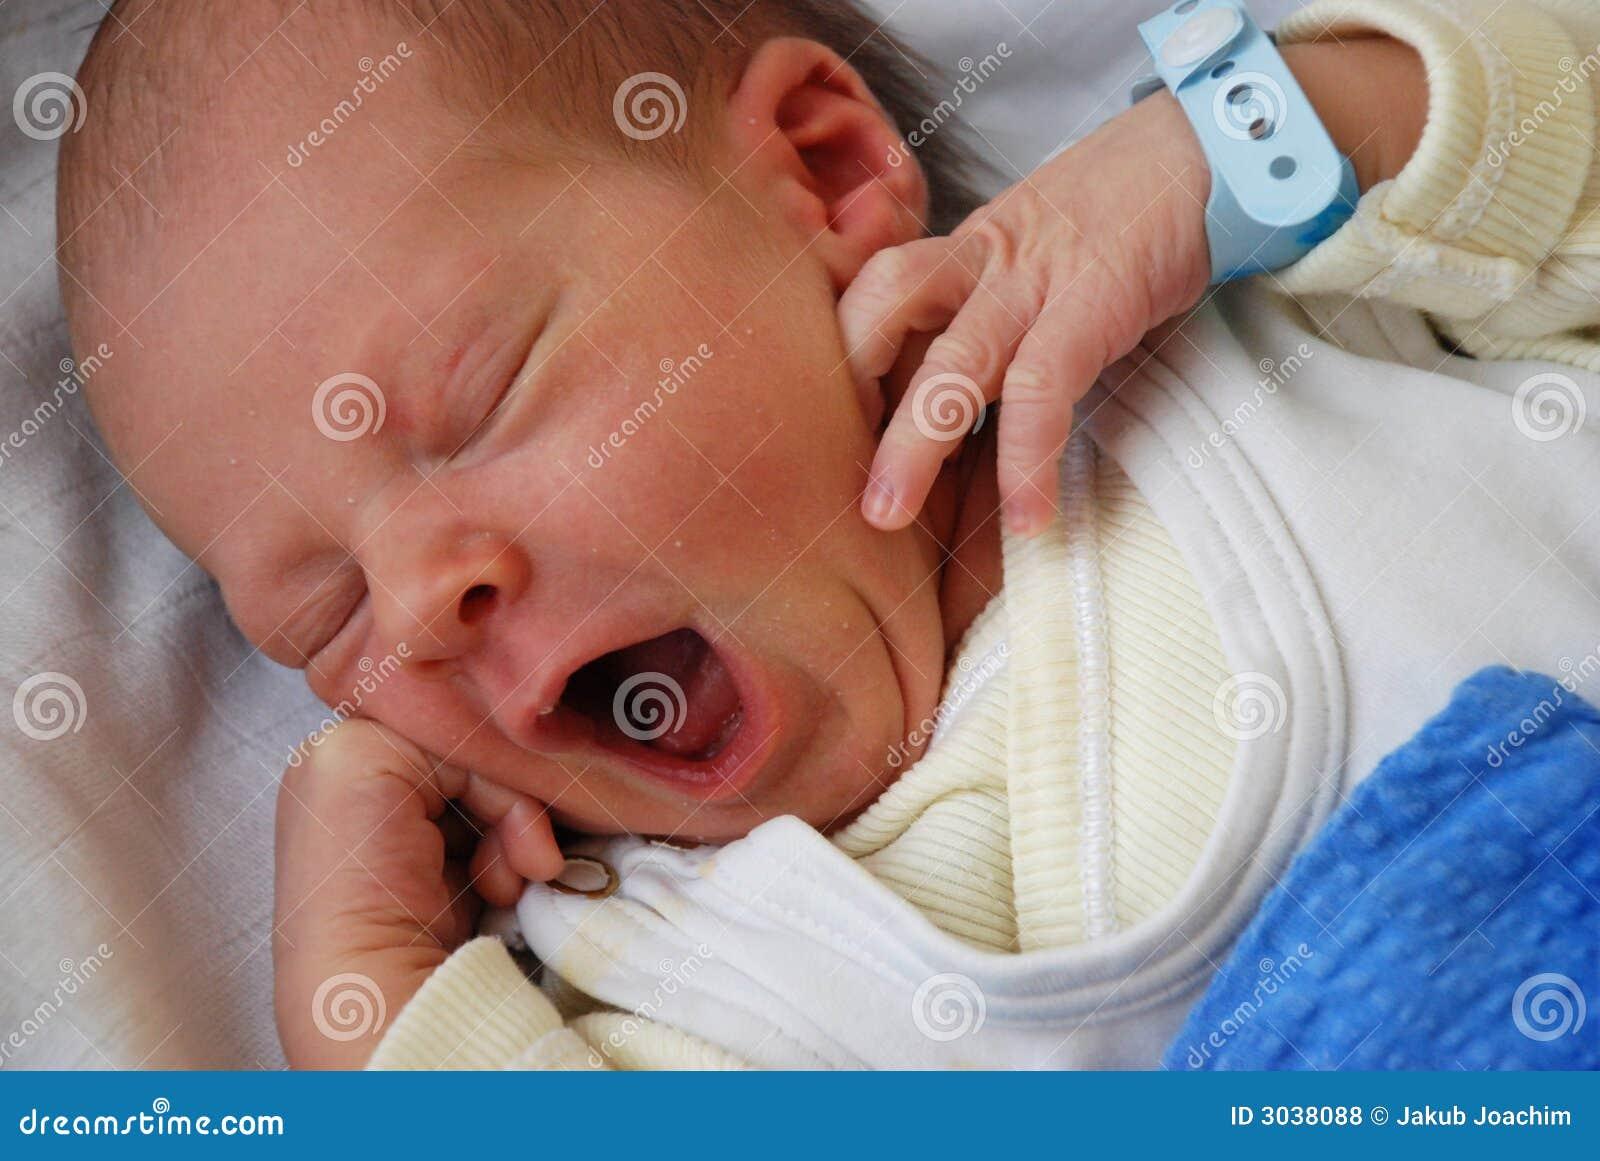 新出生 免版税库存照片 - 图片: 3038088图片